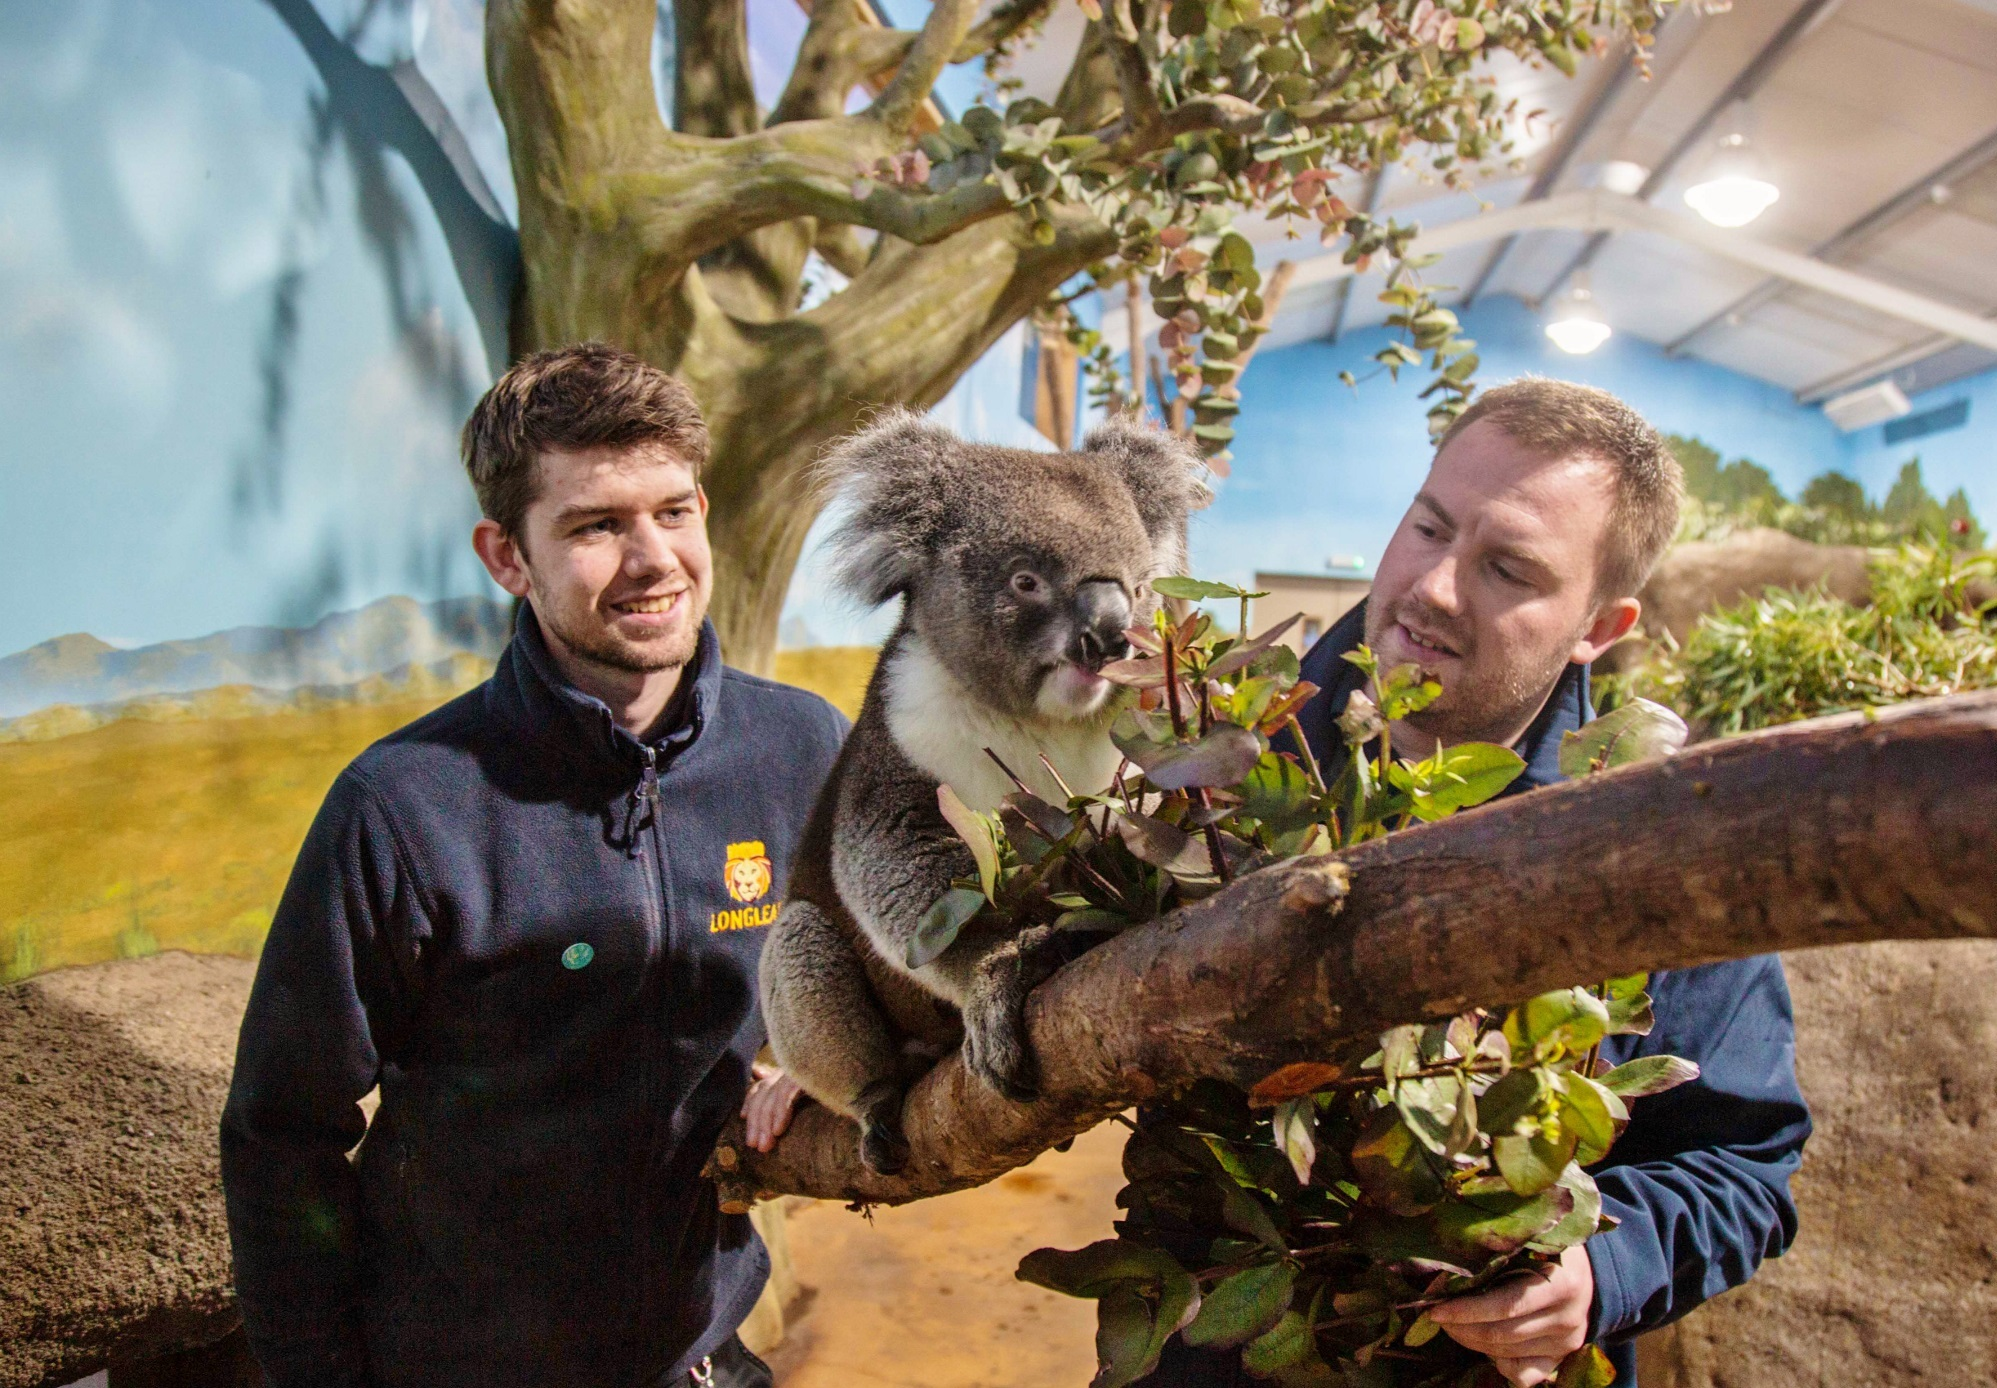 Australian bushfire appeal song is a video hit